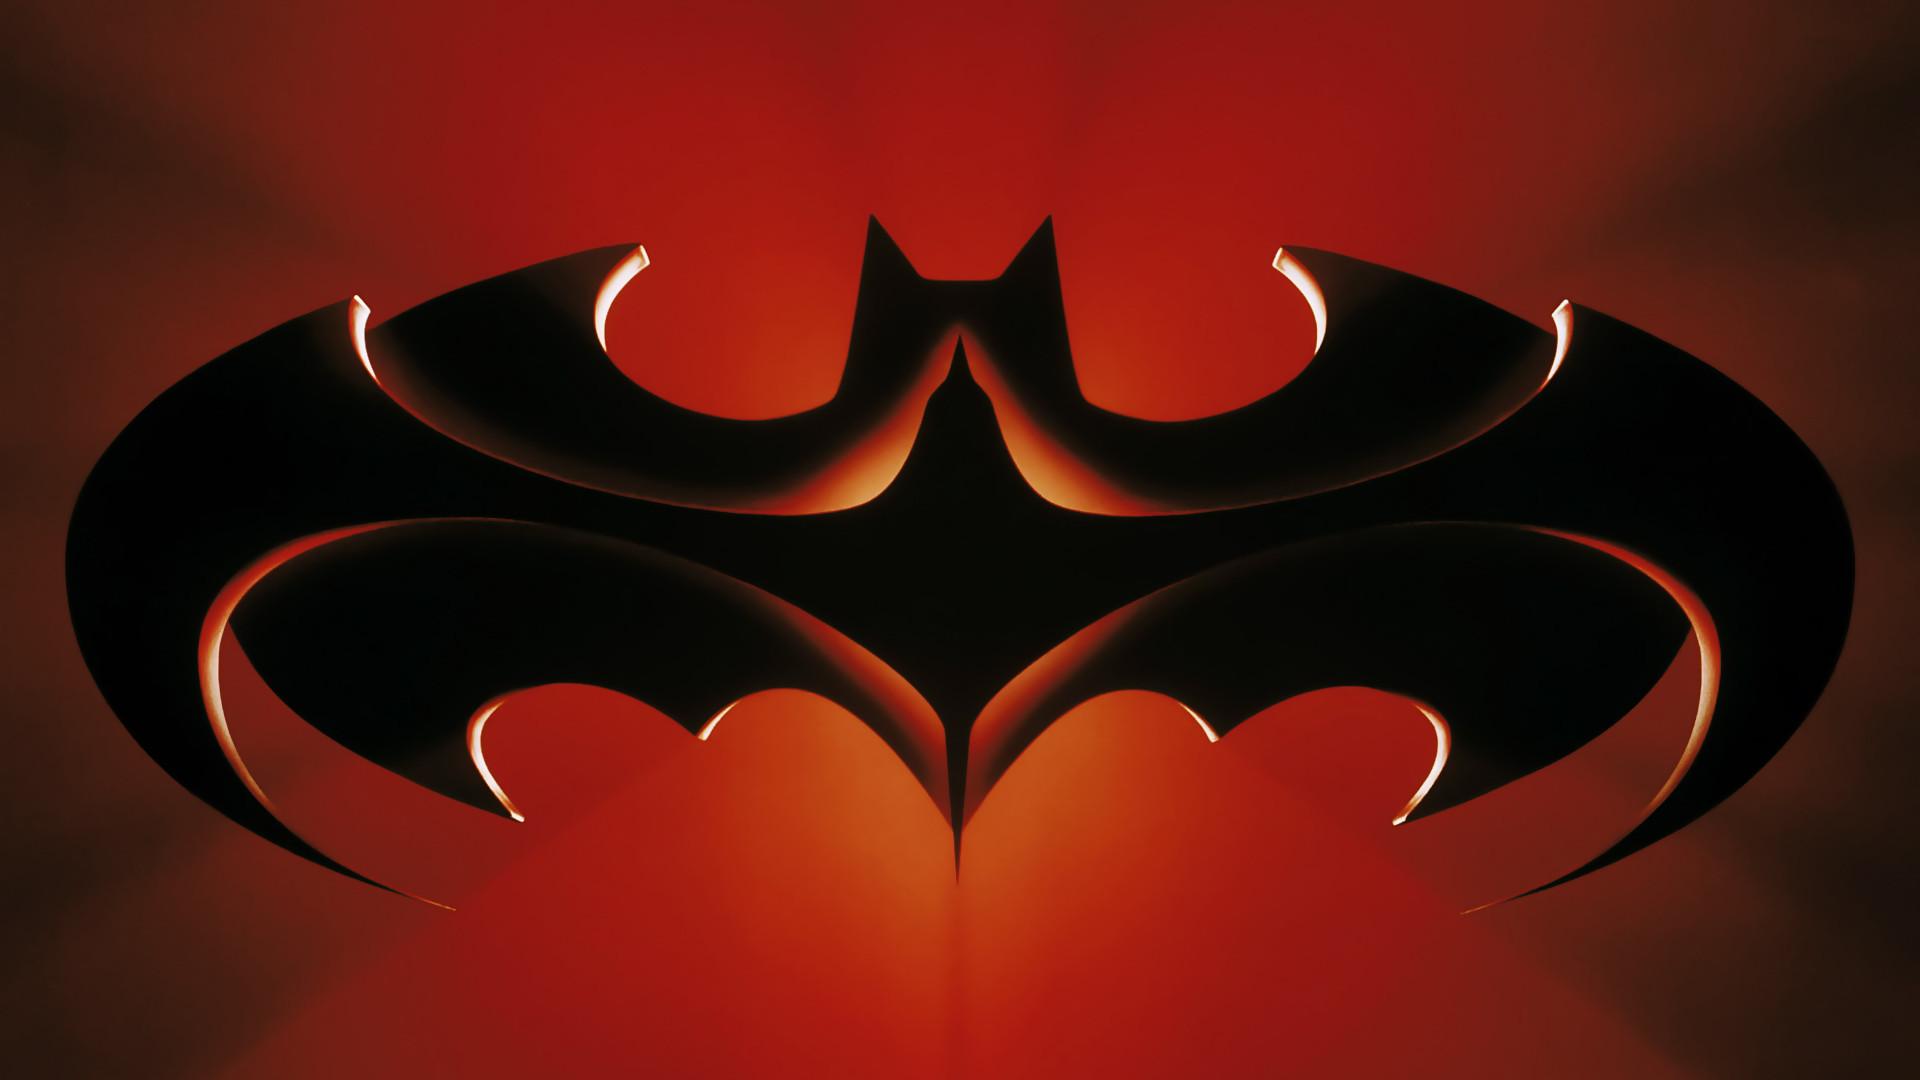 Image 97batman robin logog batman wiki fandom powered by wikia 97batman robin logog buycottarizona Gallery